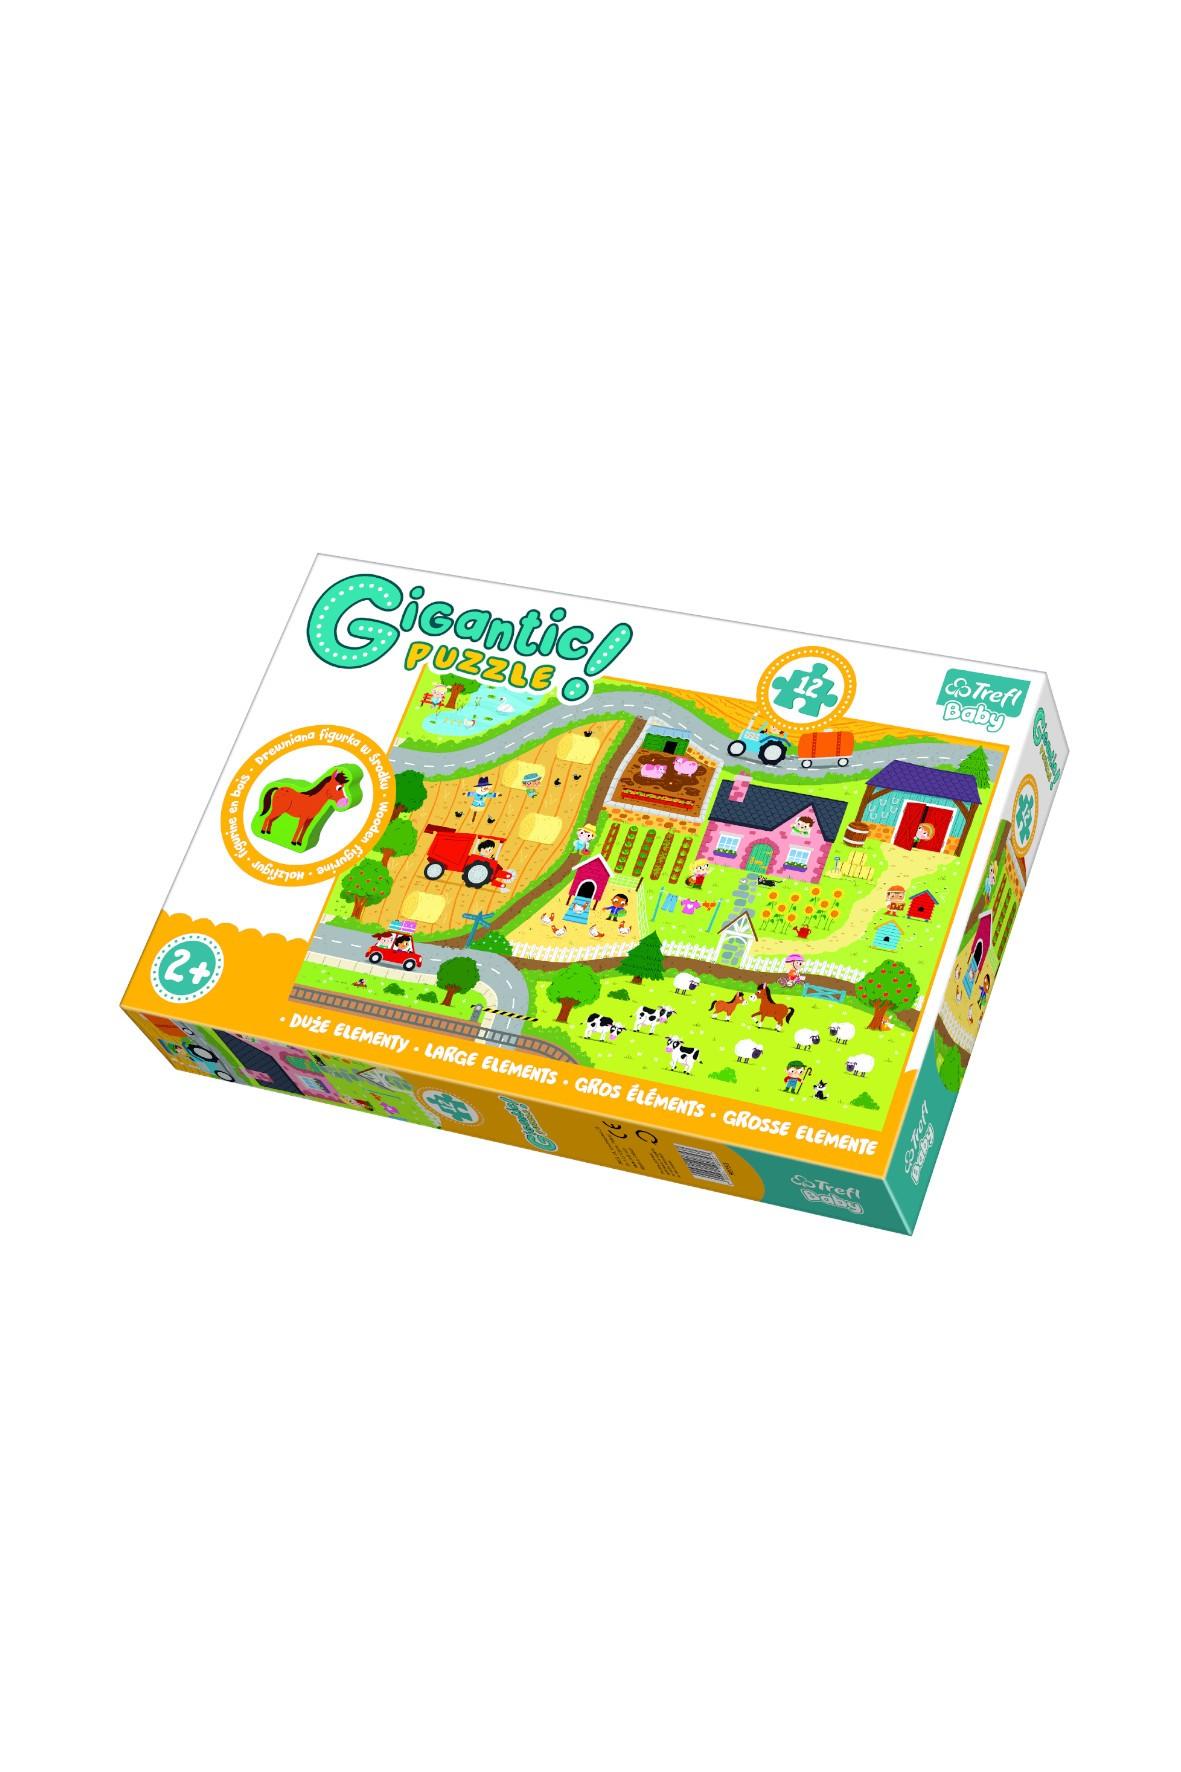 Puzzle - Gigantic - Wieś